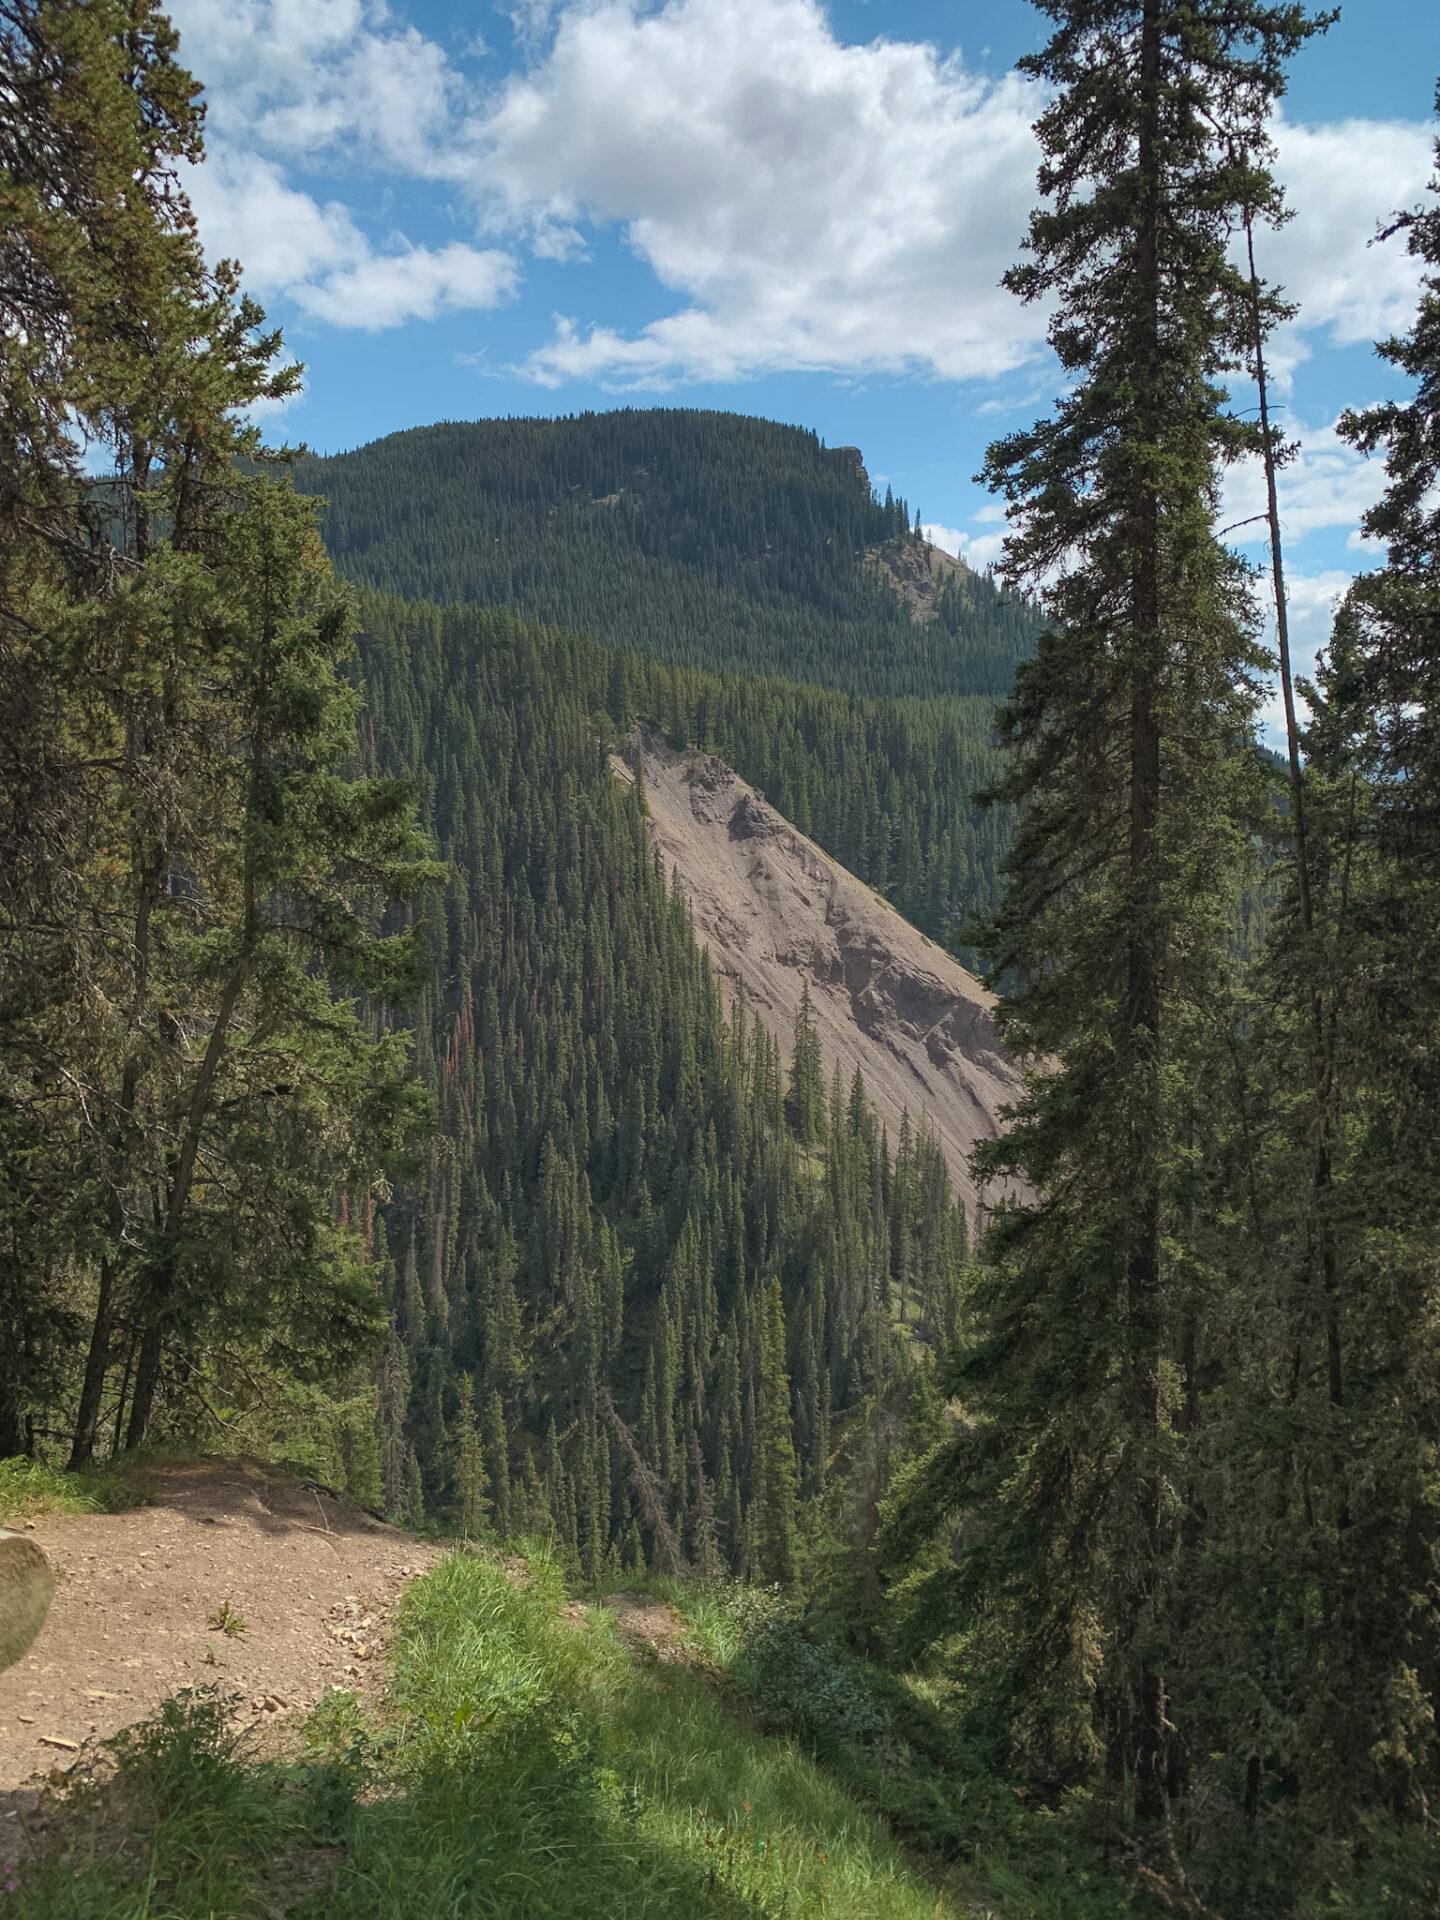 Ink Pots hiking trail in Banff, Alberta